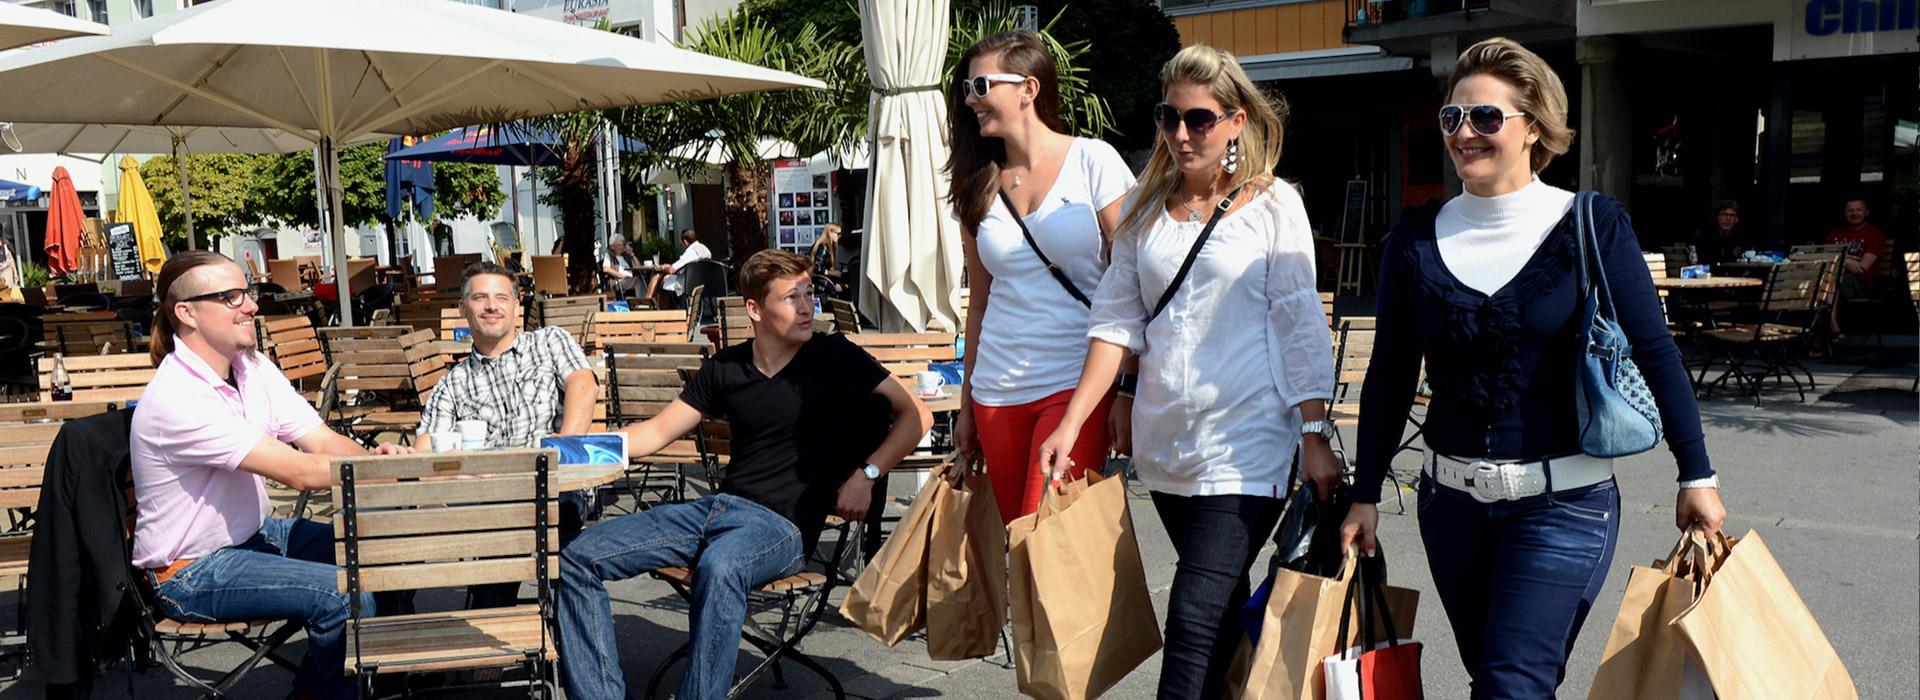 AGB für Konsumenten (Allgemeinen Geschäftsbedingungen) - Shopping in der Thuner Innenstadt